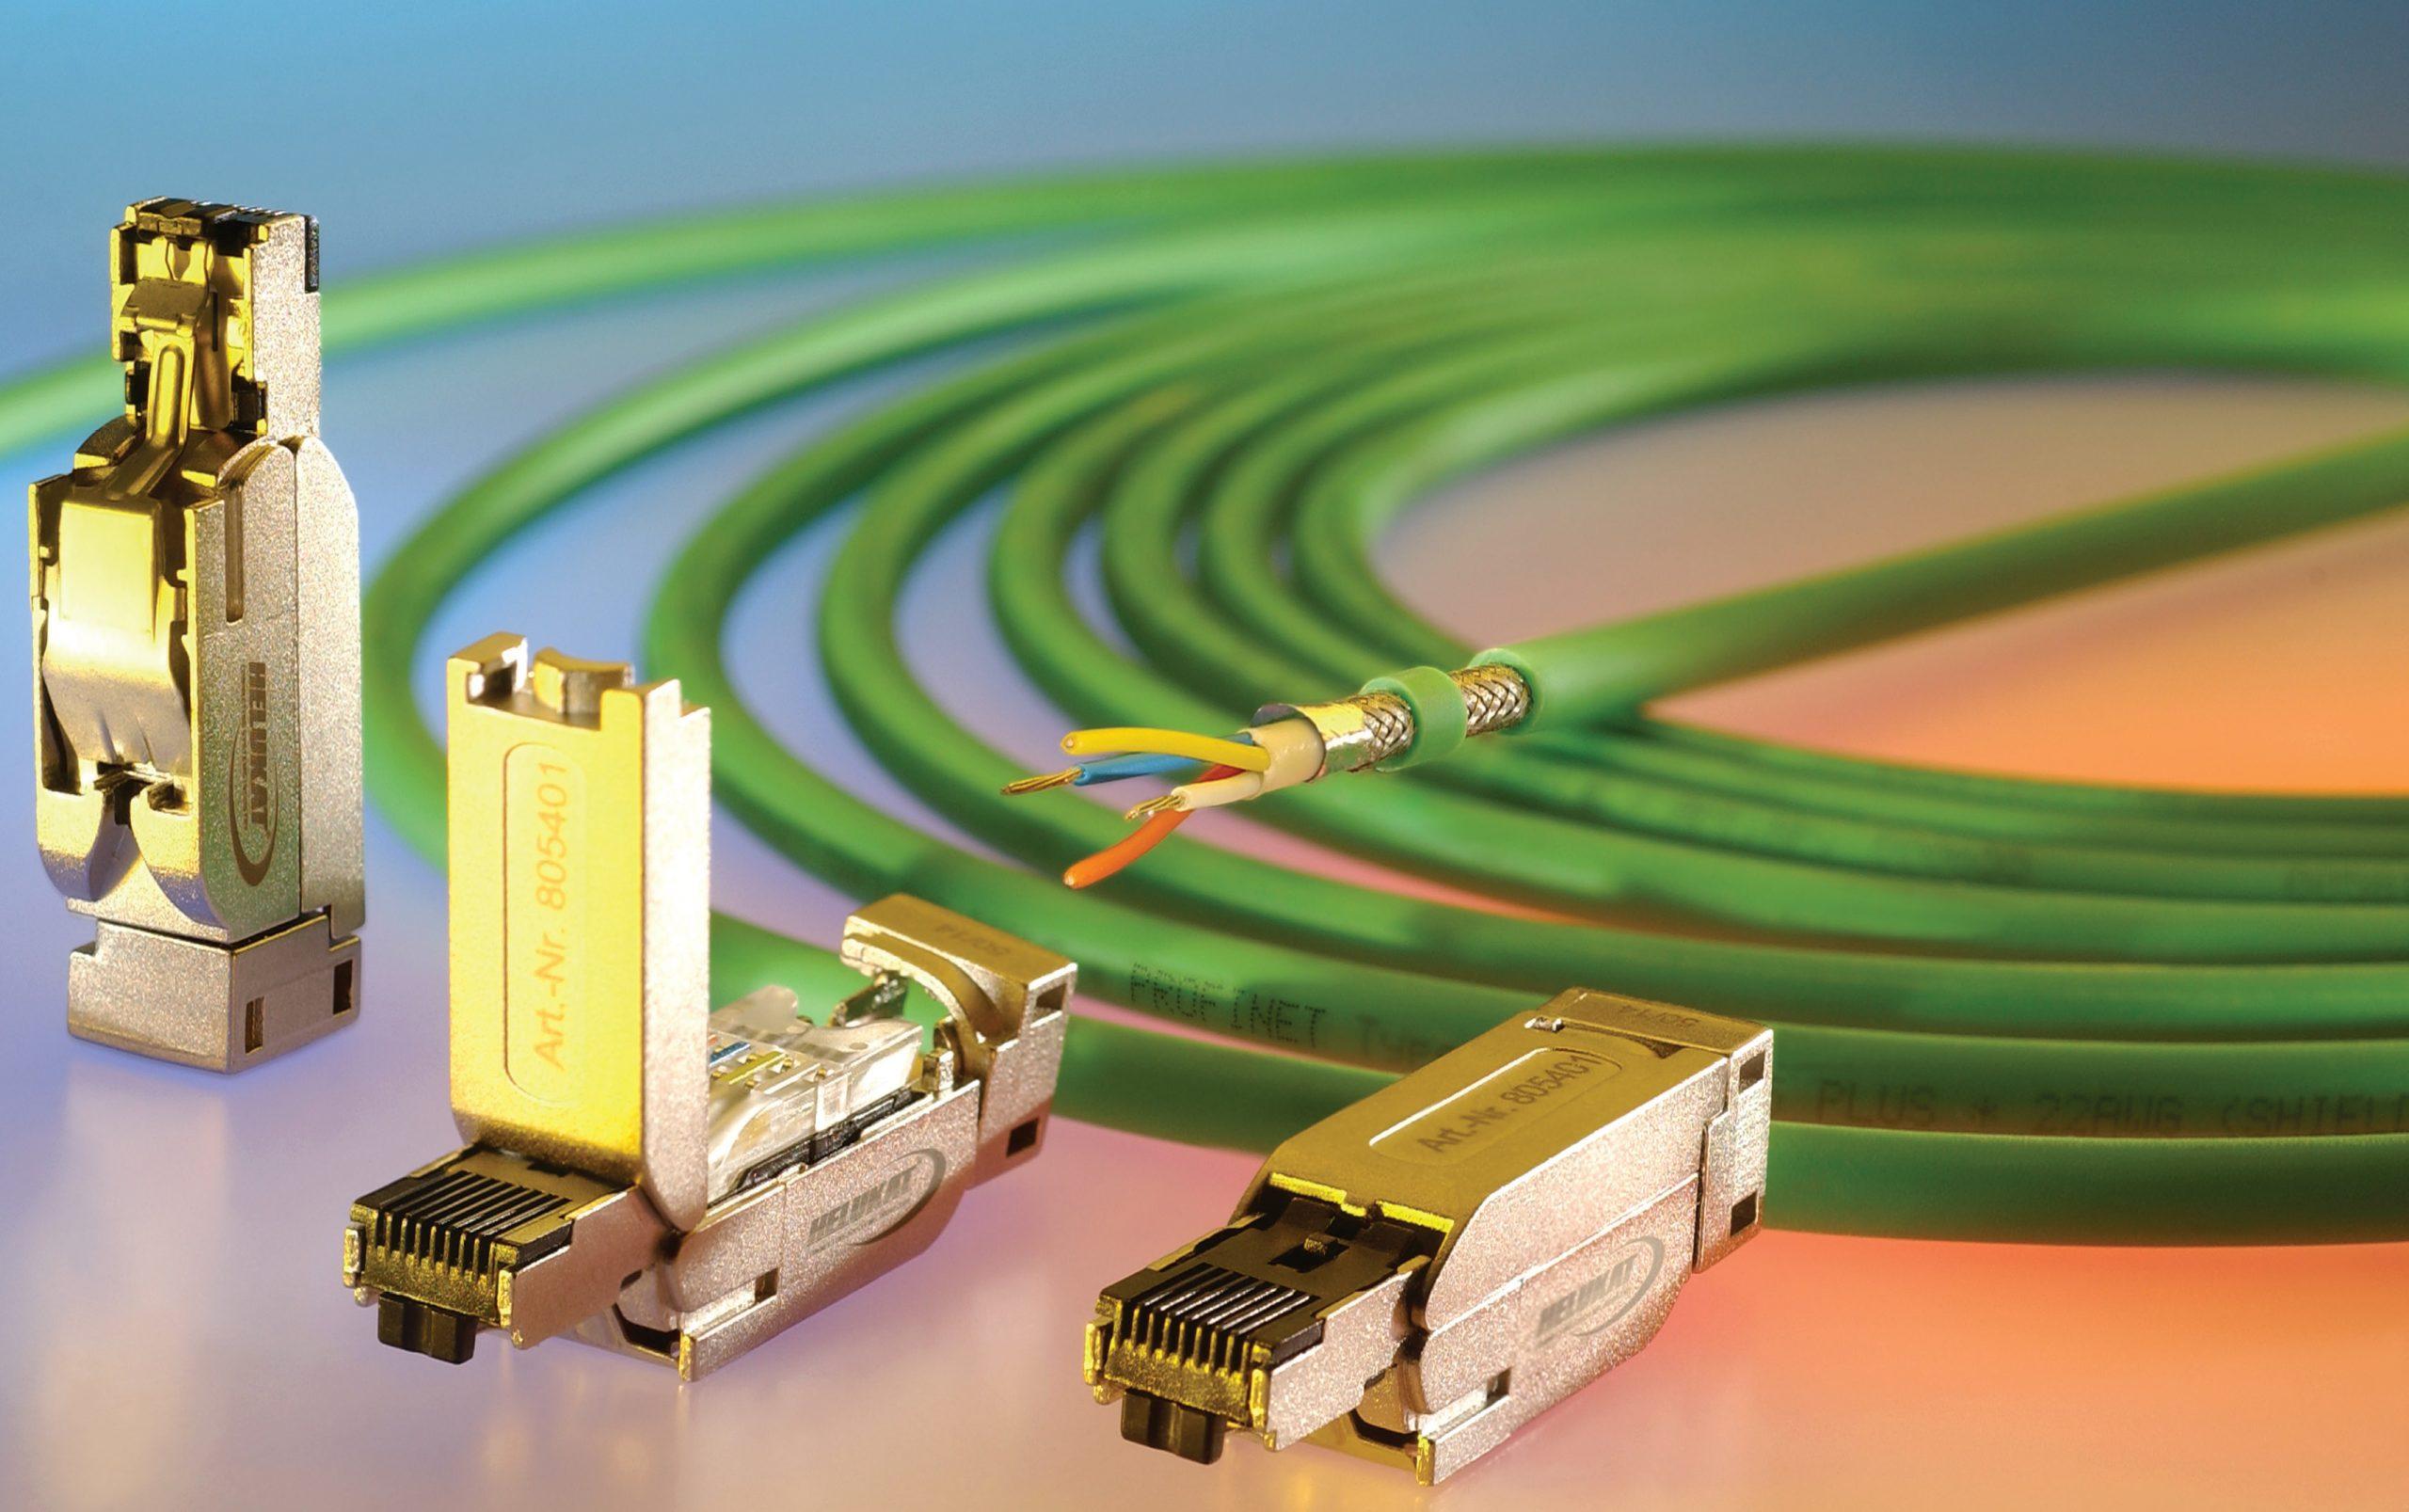 Conector industrial com tecnologia de conexão rápida PROFINET®